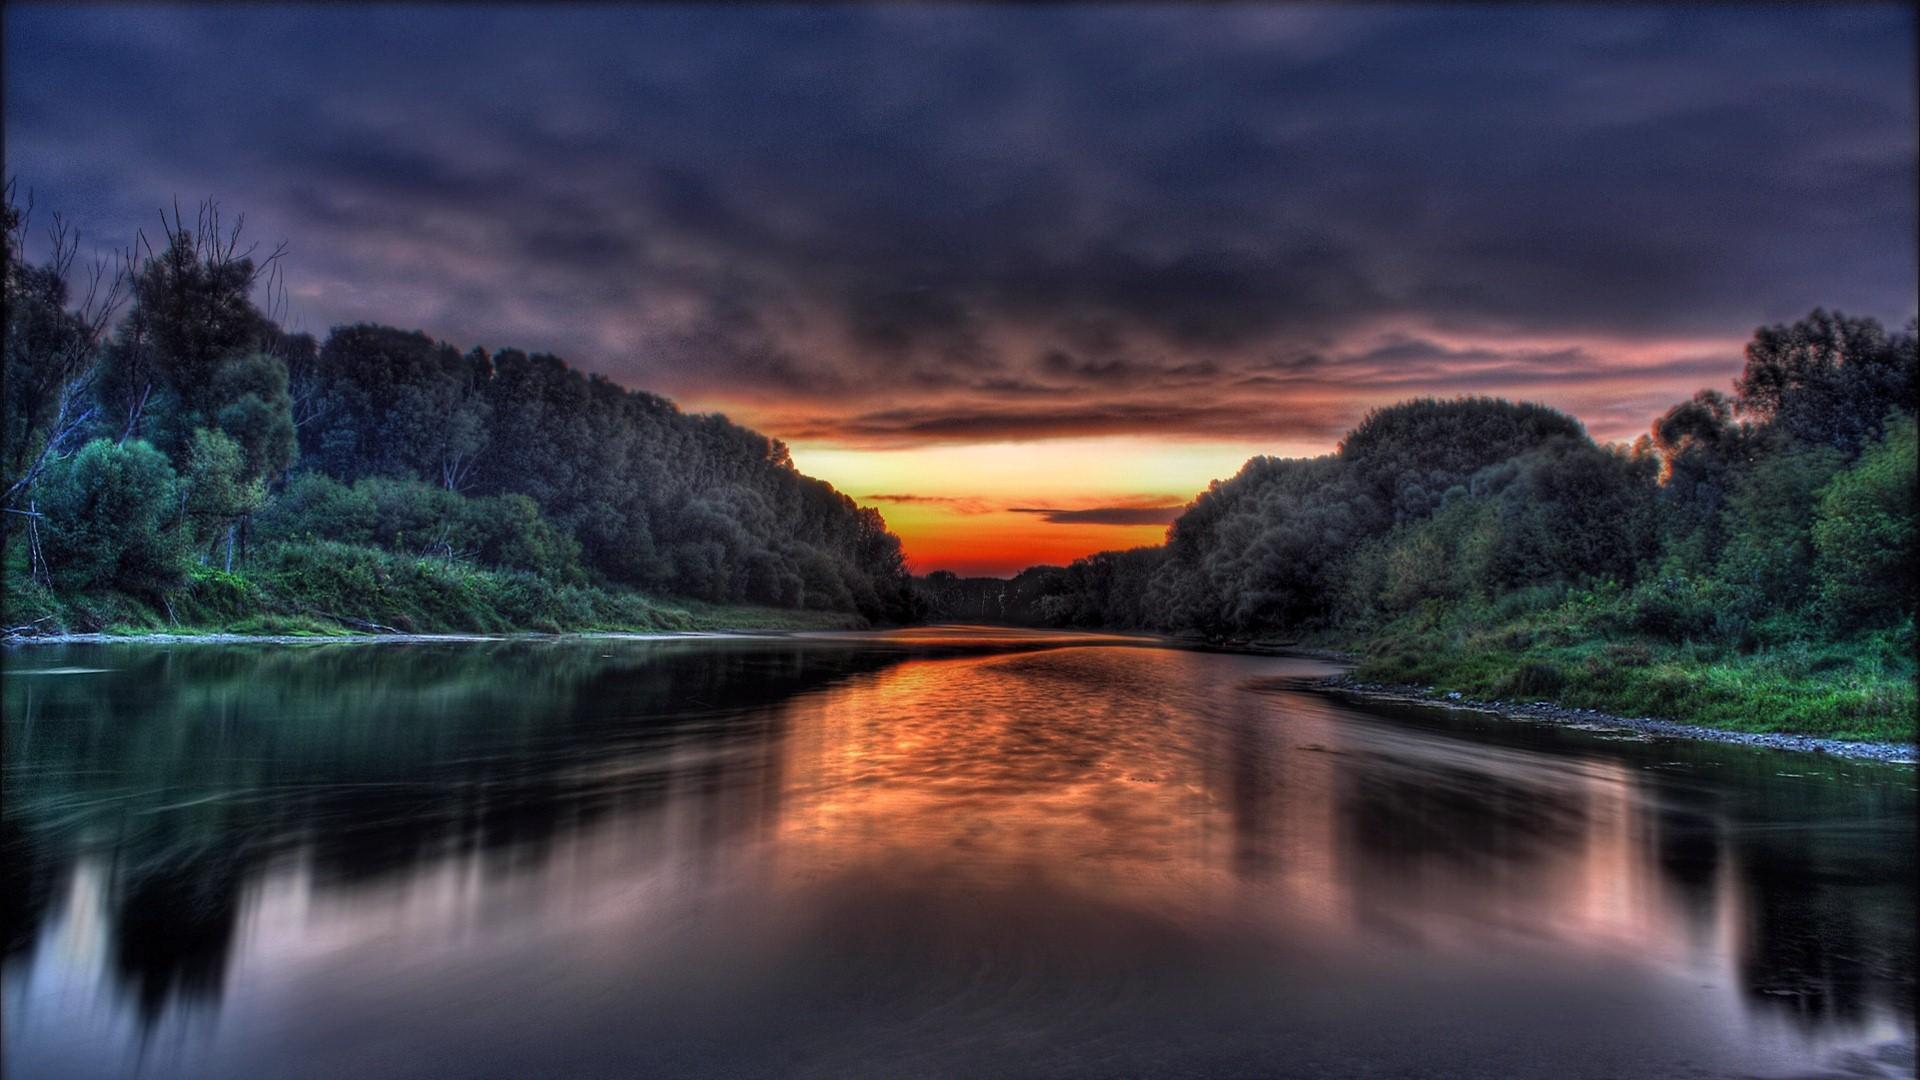 Windows 10 River Wallpaper - WallpaperSafari